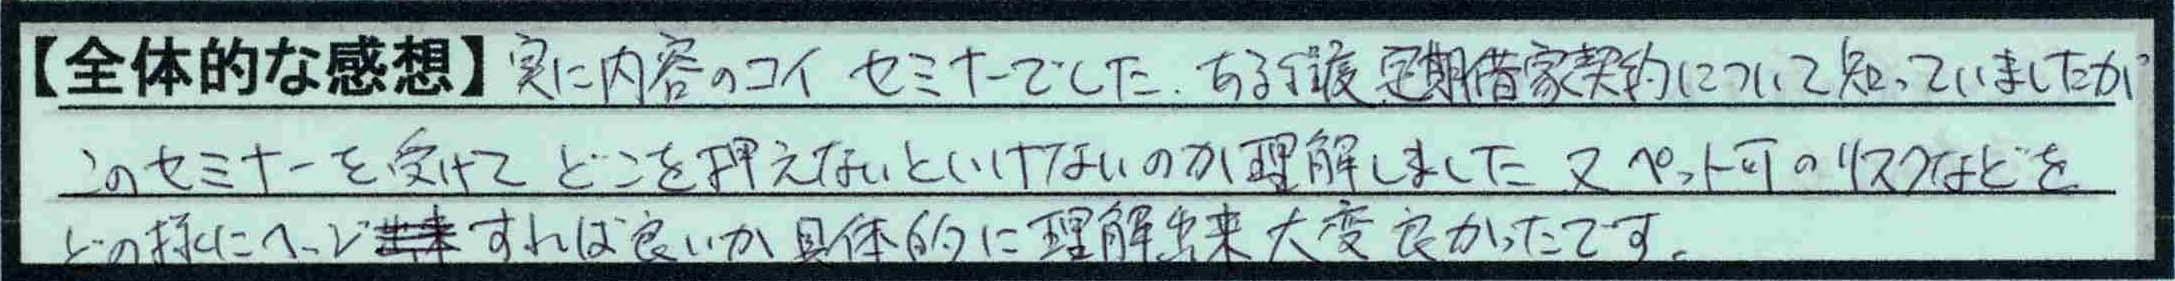 【東京都板橋区】【木村正明さん】【全体感想】